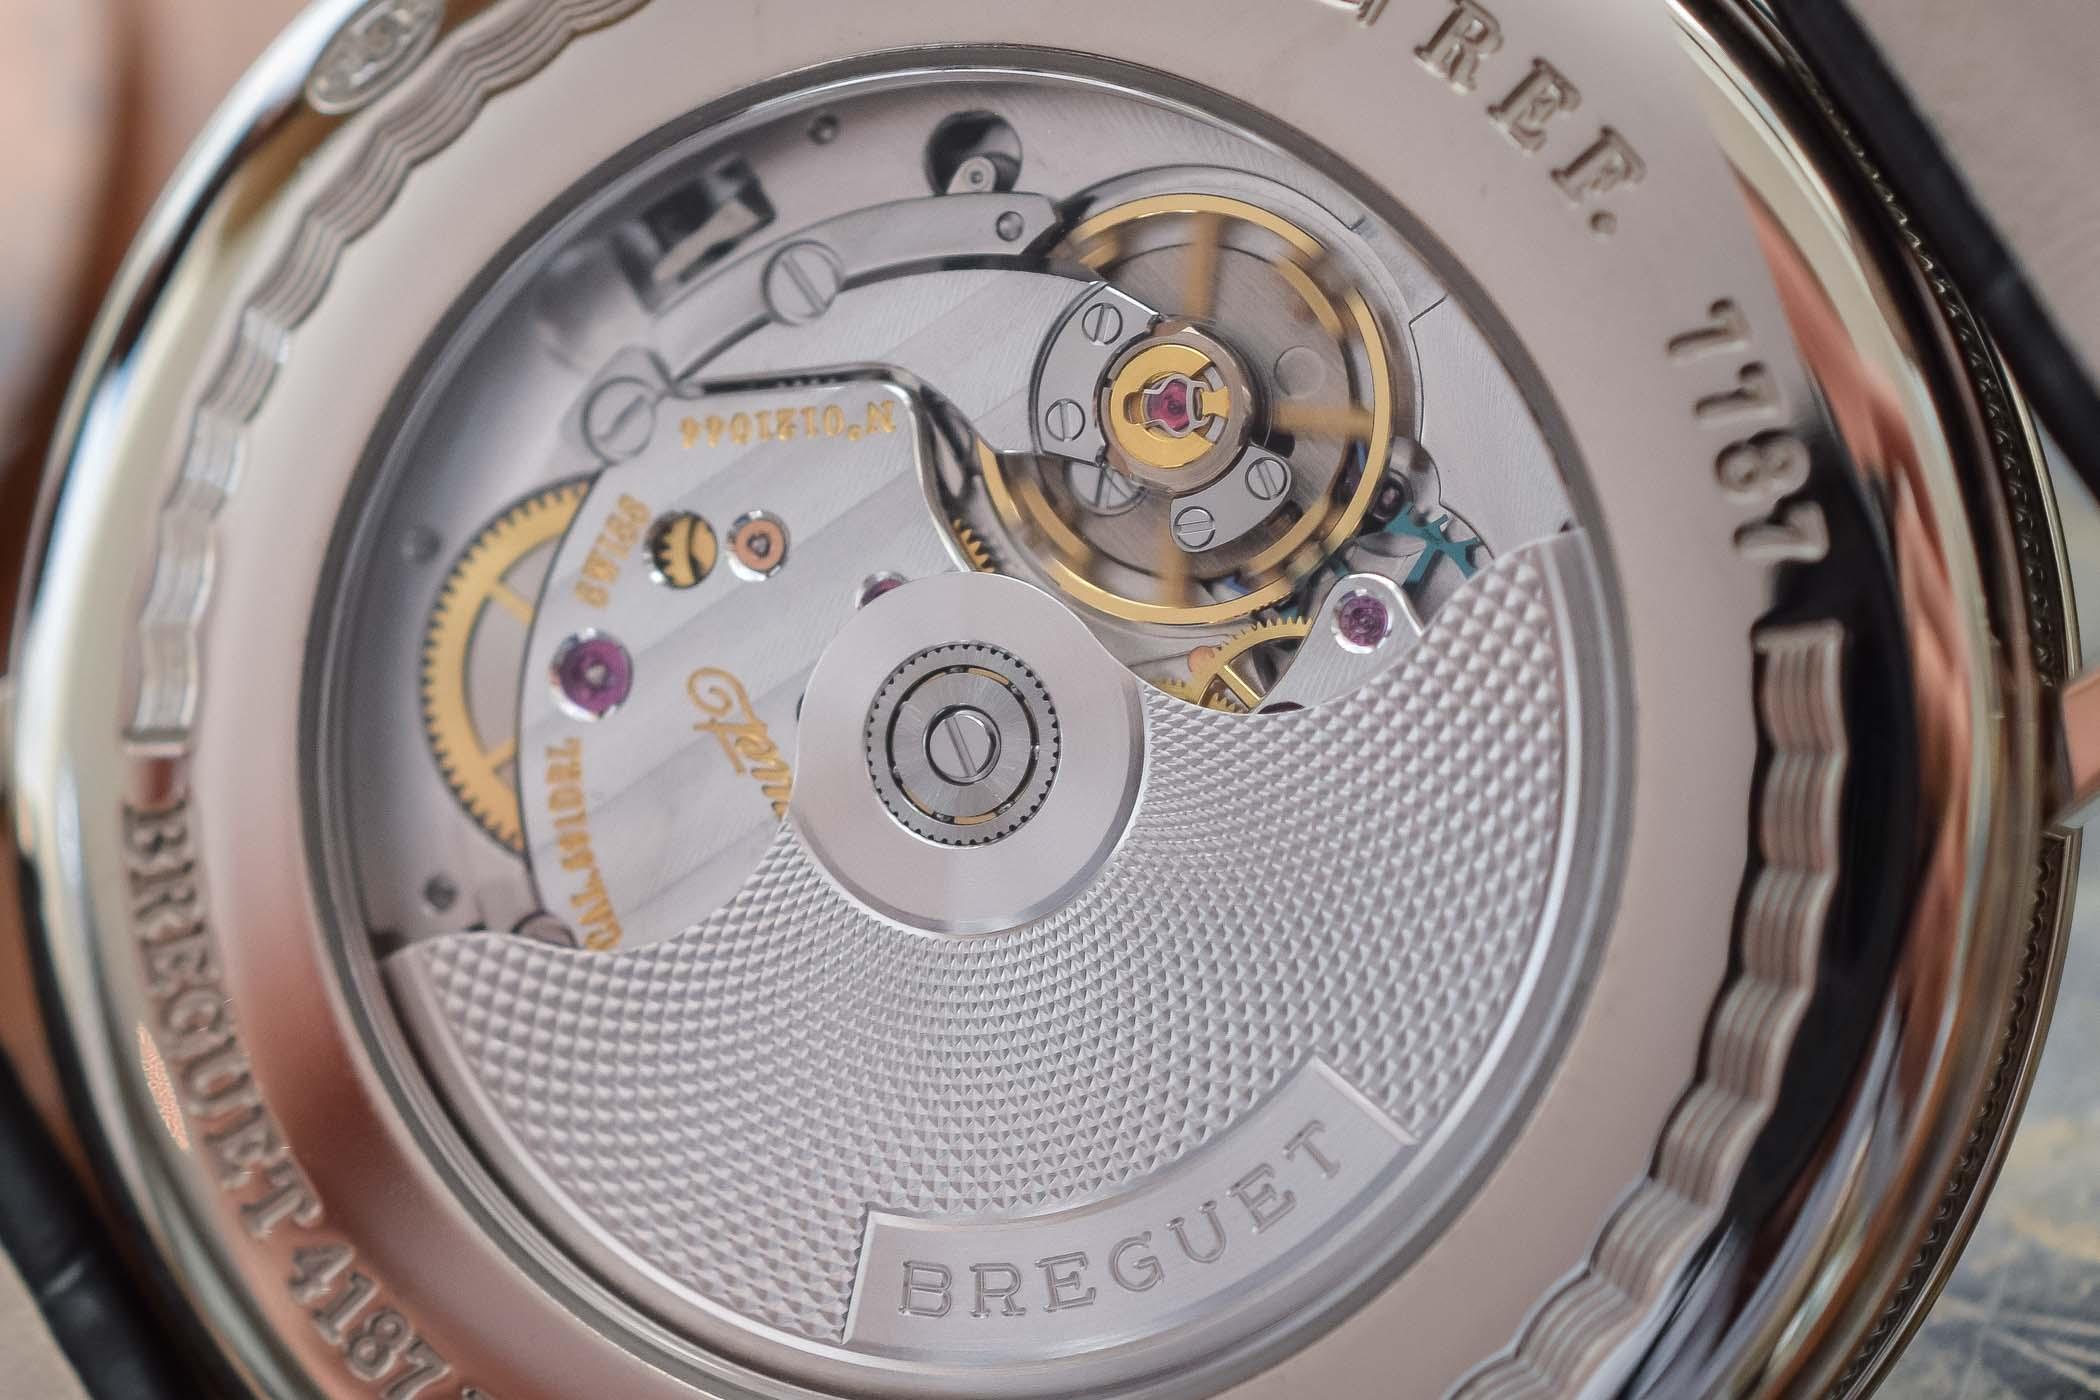 Breguet Classique 7787 MoonPhase Grand Feu Enamel Dial - 7787BB:29:9V6 - review - 2